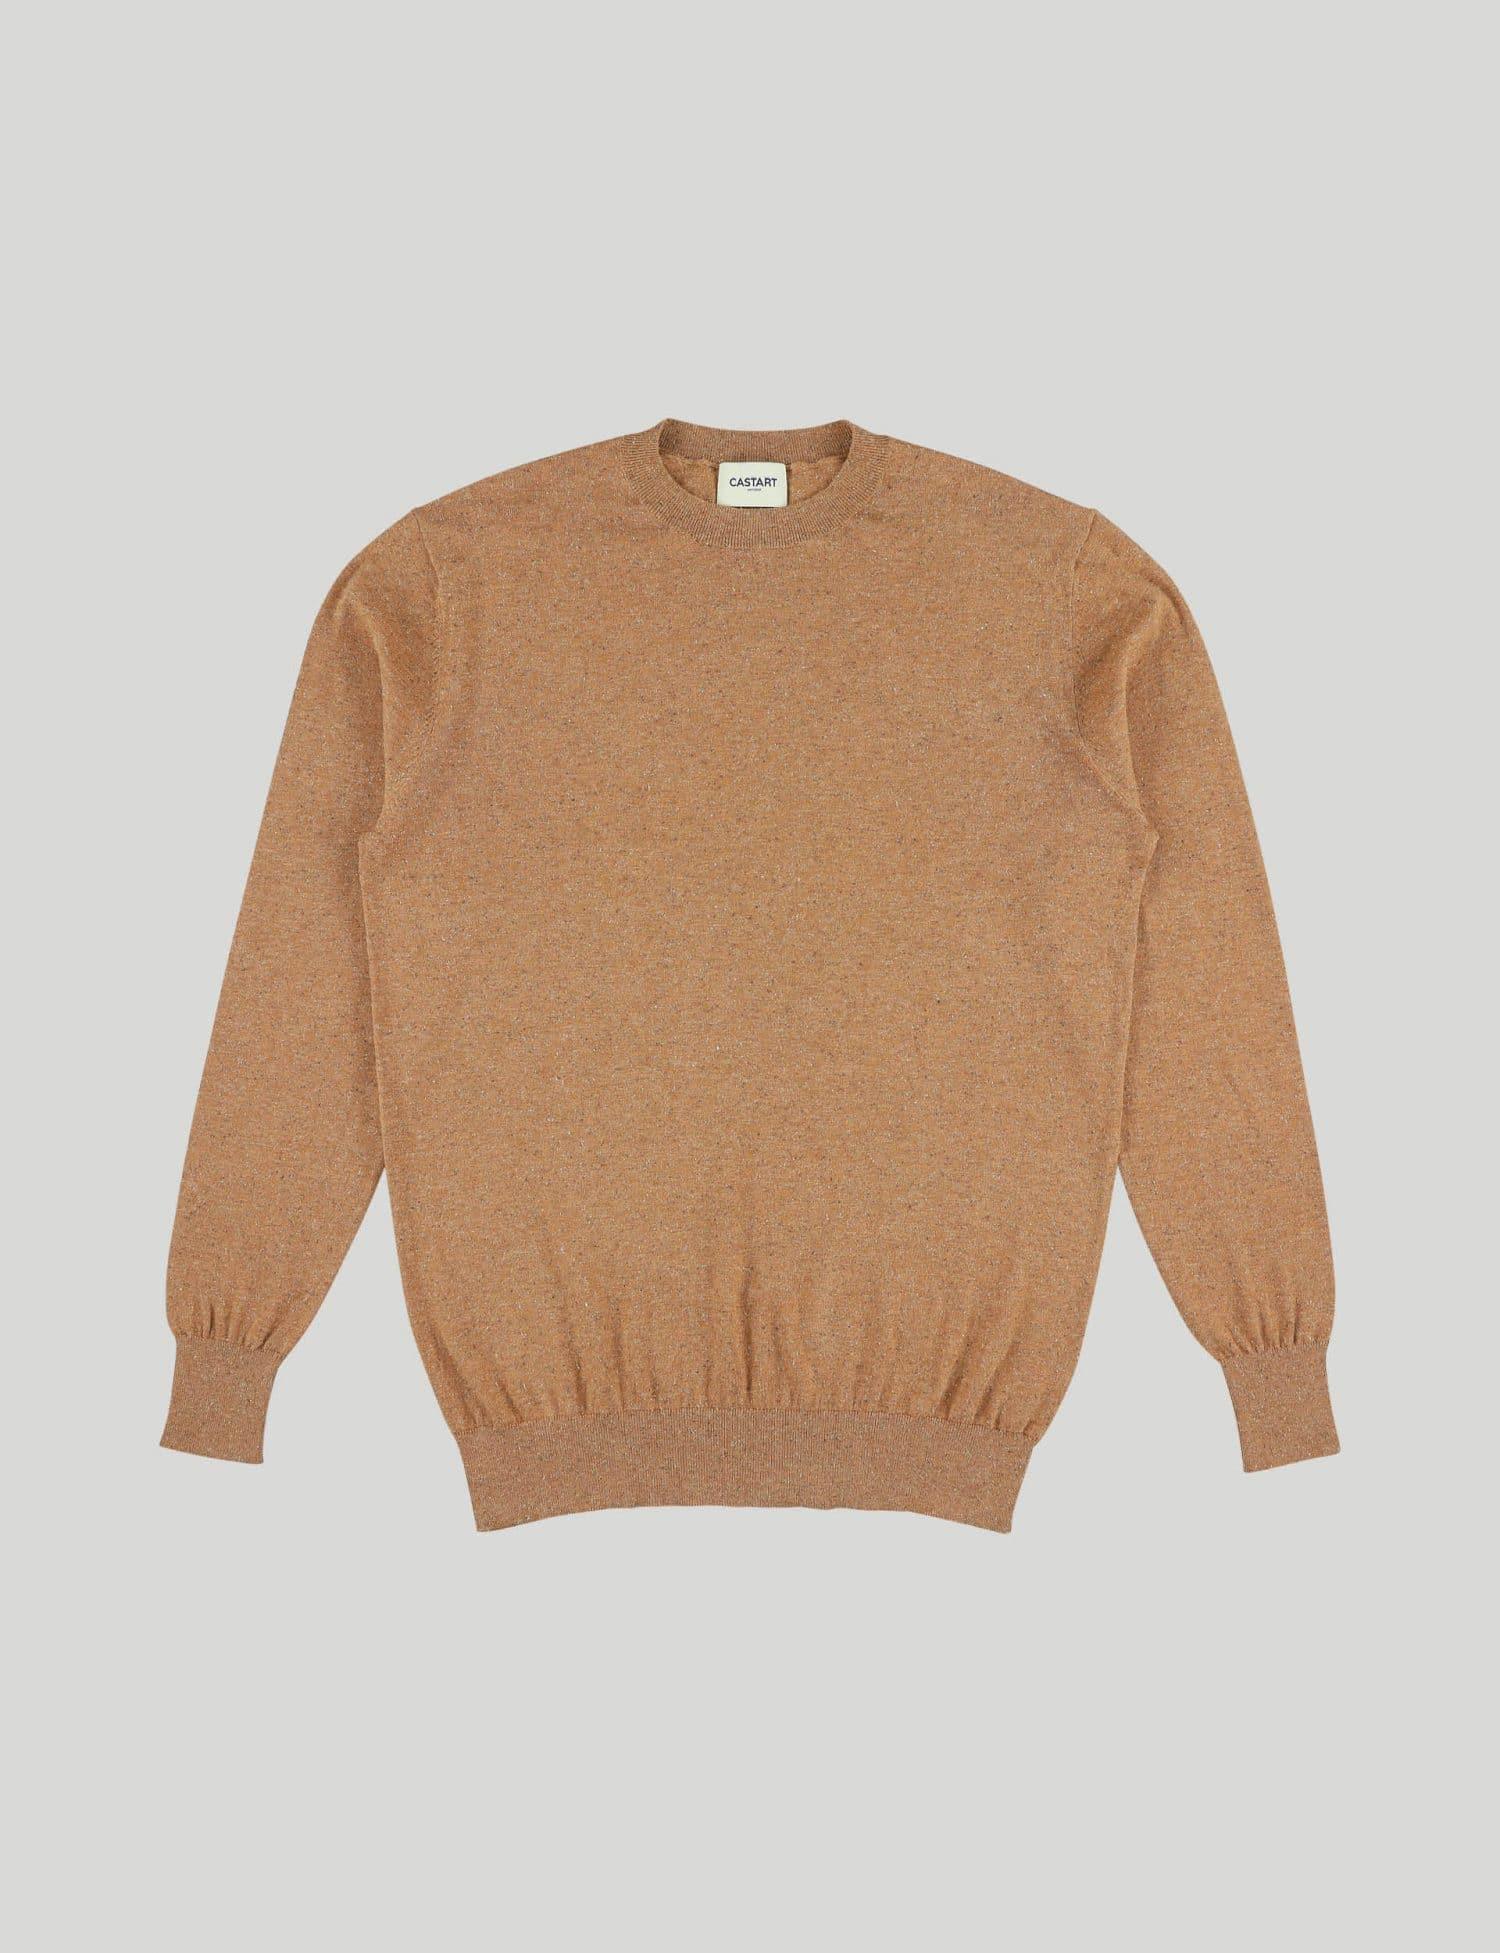 Castart - Talacre knitwear - Rust